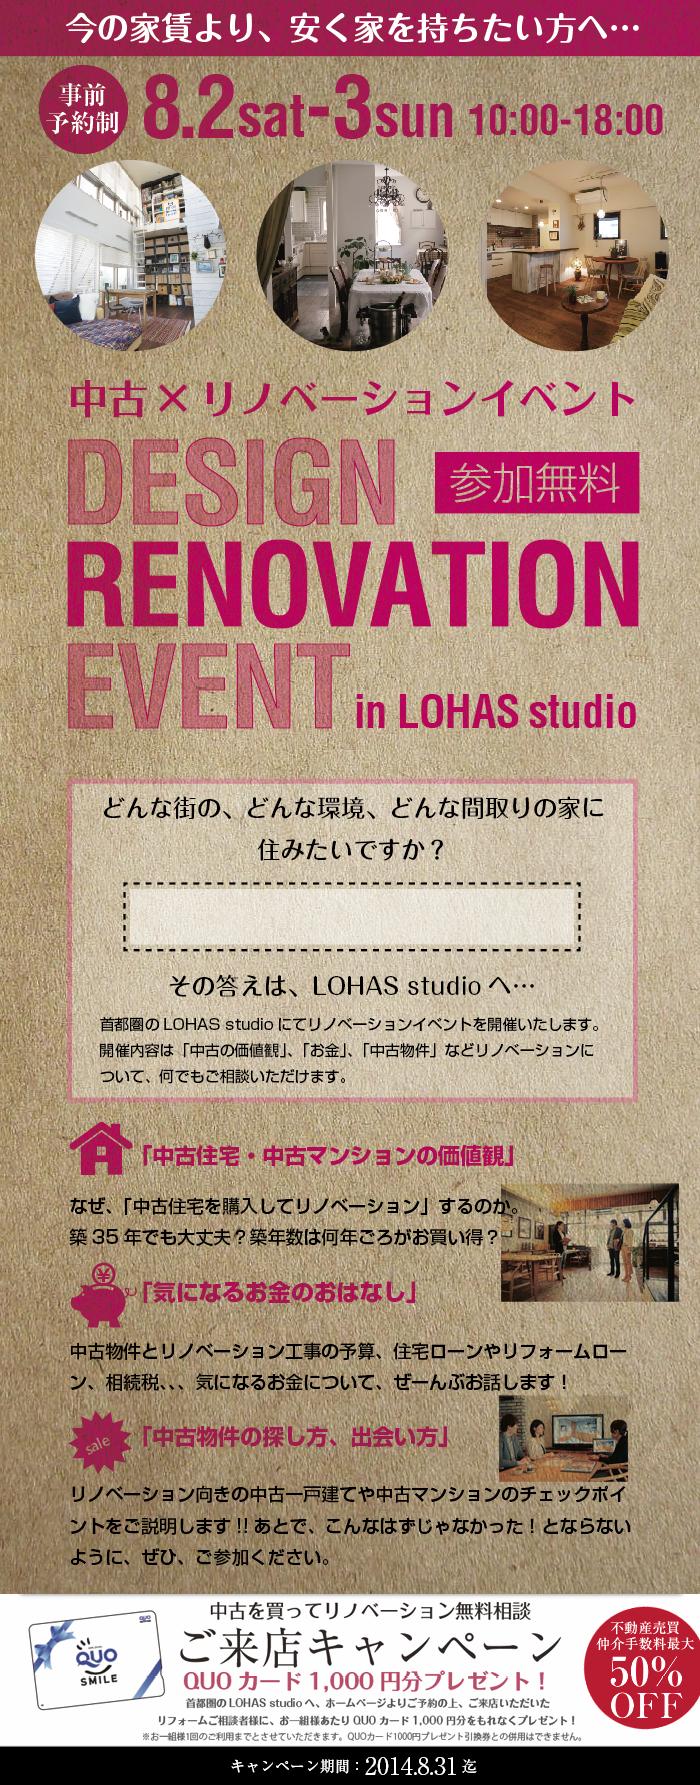 201408yoyaku_event2-3-2.png